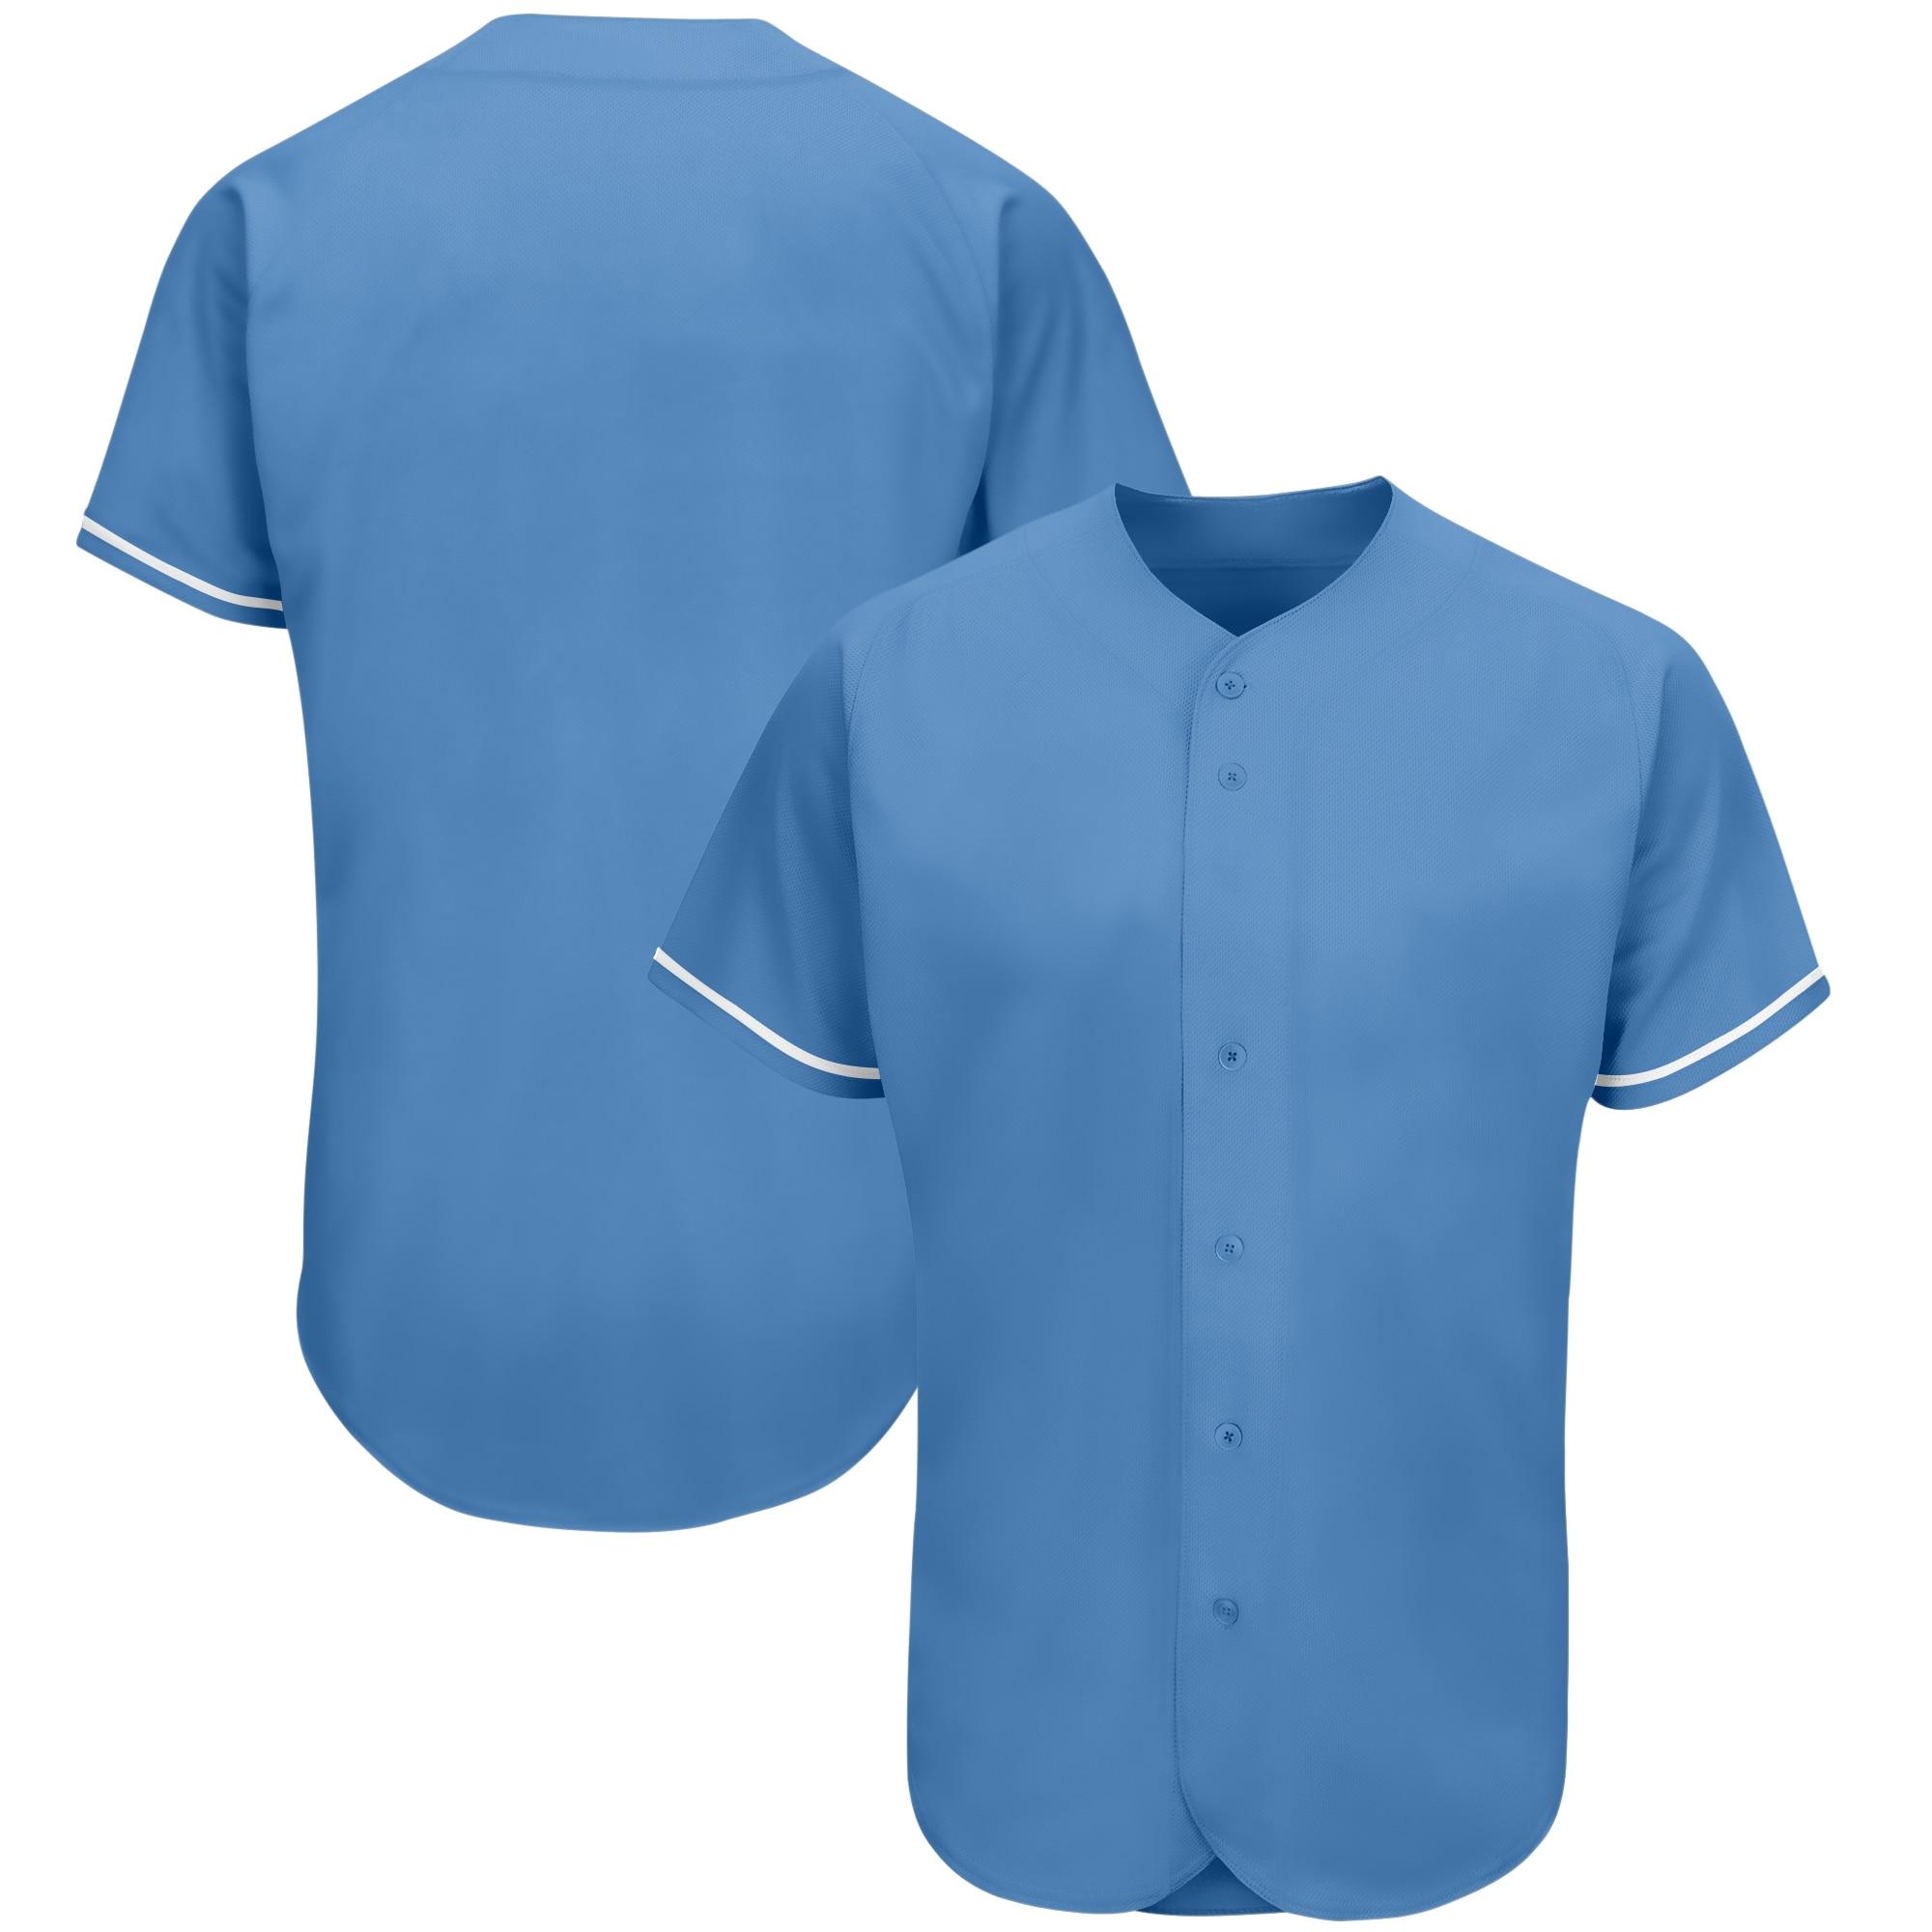 Недорогая бейсбольная Джерси для мужчин, американская форма с номером и именем стежка, спортивные рубашки для спортсменов, униформа для чир...